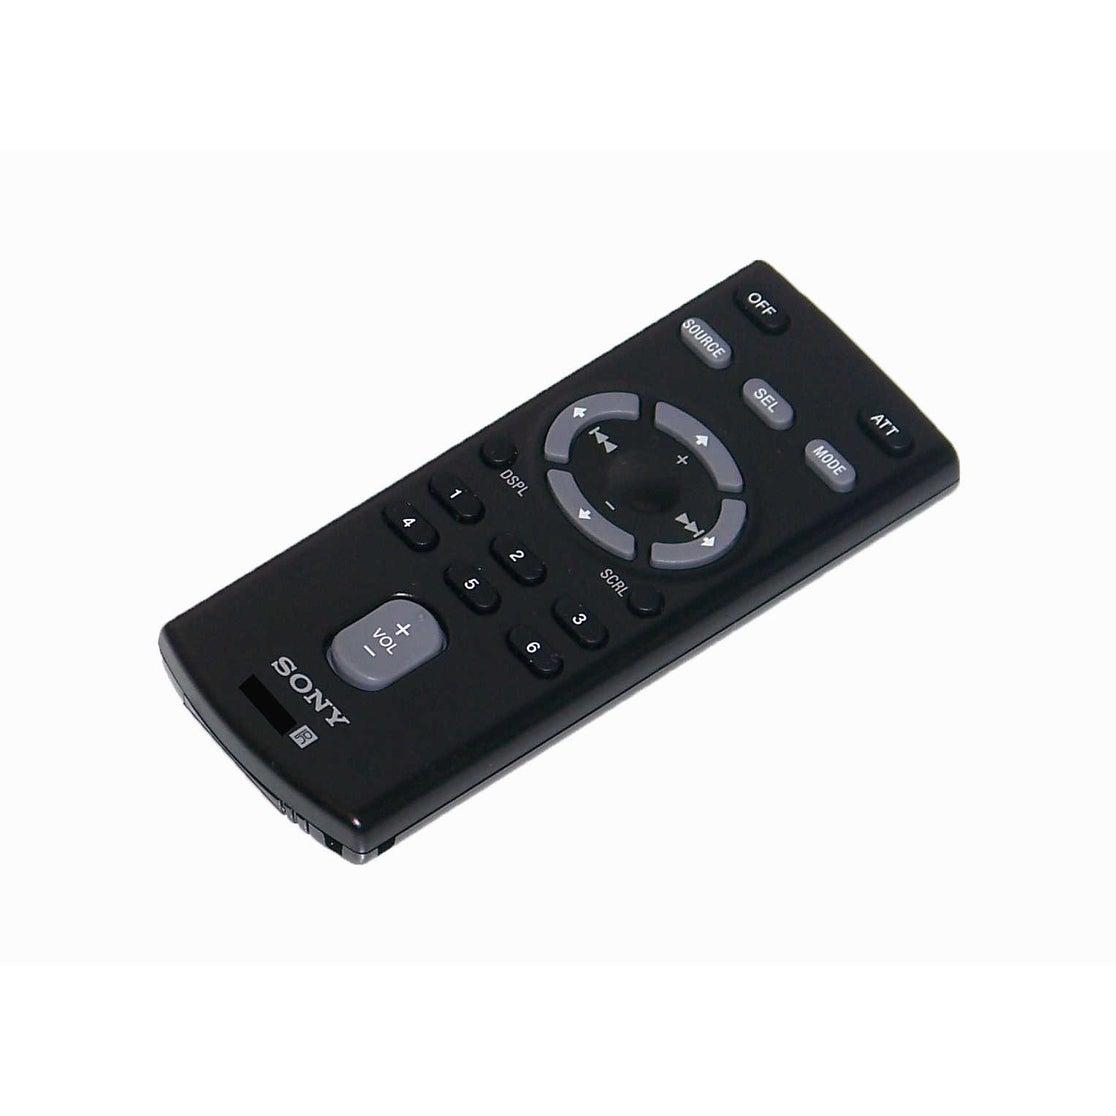 GDX-GT50W DSX-S100 OEM Sony Remote Control Originally Shipped with: DSXMS60 DSXS100 DSX-MS60 GDXGT50W MEX-1GP